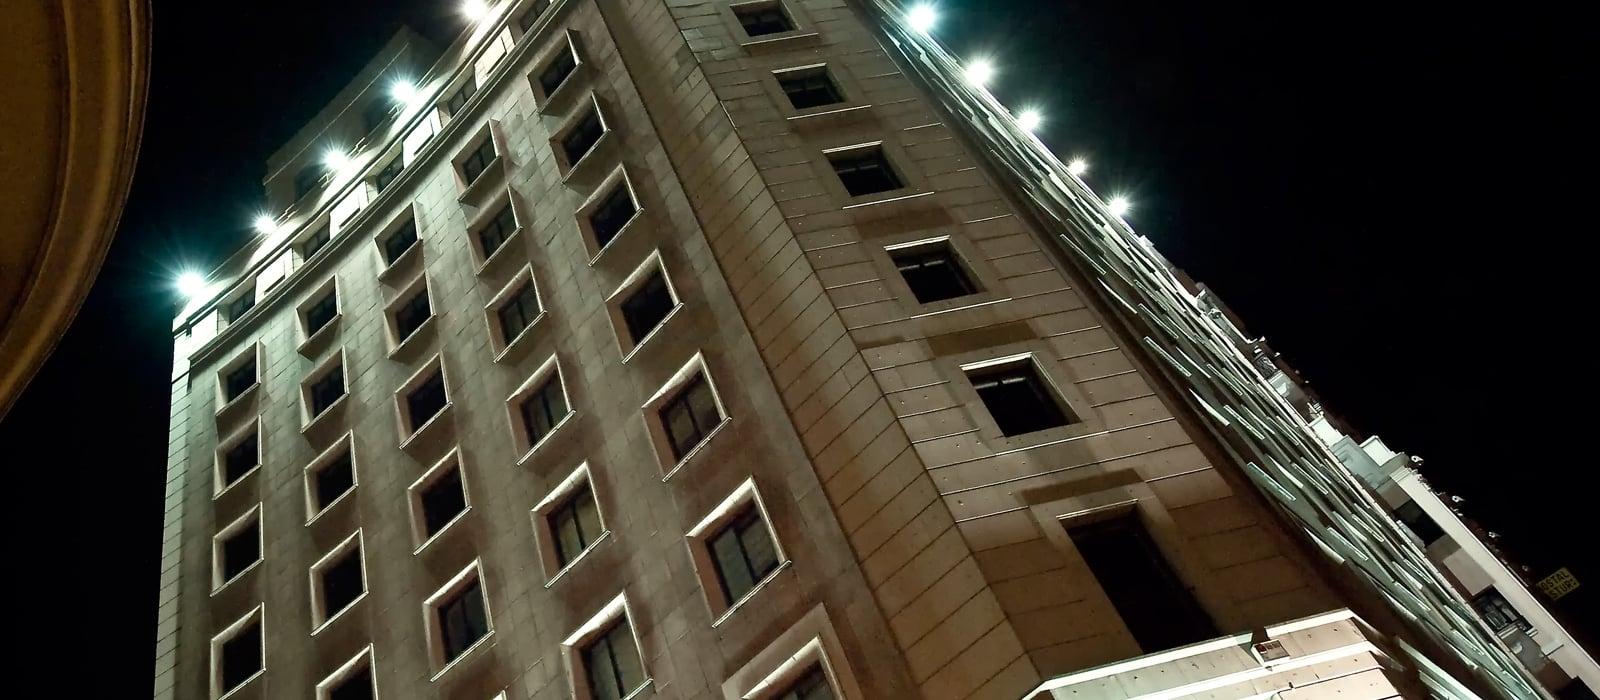 Fassade beleuchtet bei Nacht - Vincci Vía 66 4*